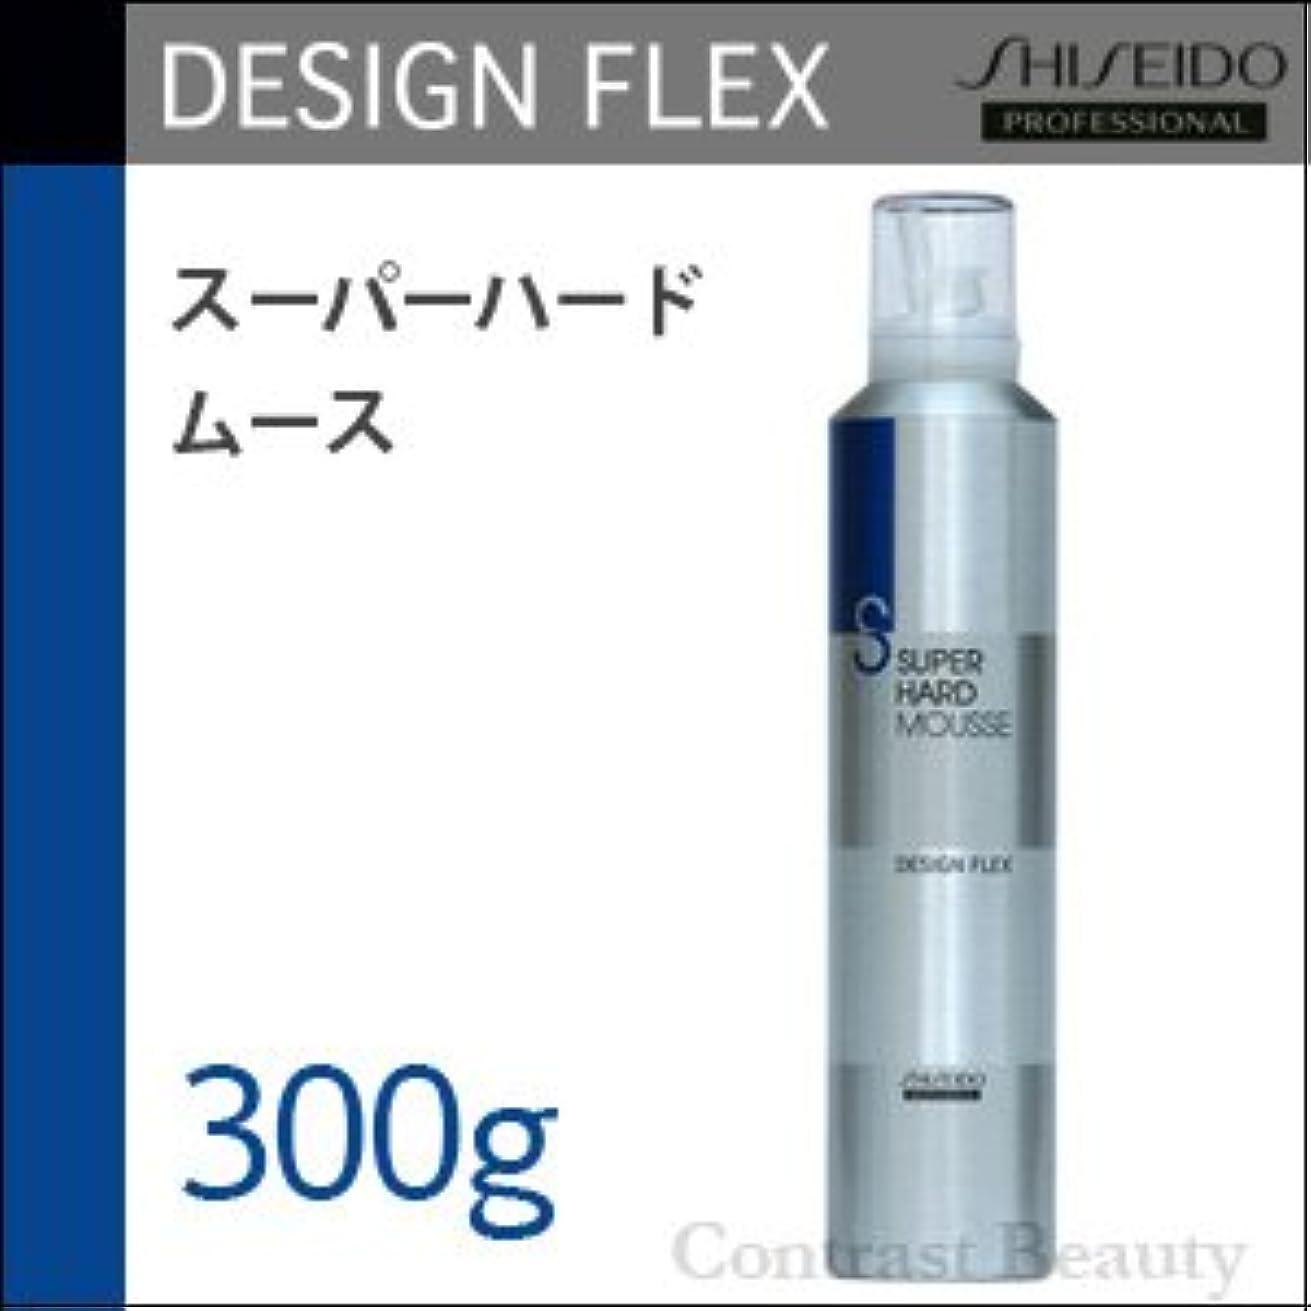 人気海外で葉を拾う【x3個セット】 資生堂 デザインフレックス スーパーハードムース 300g